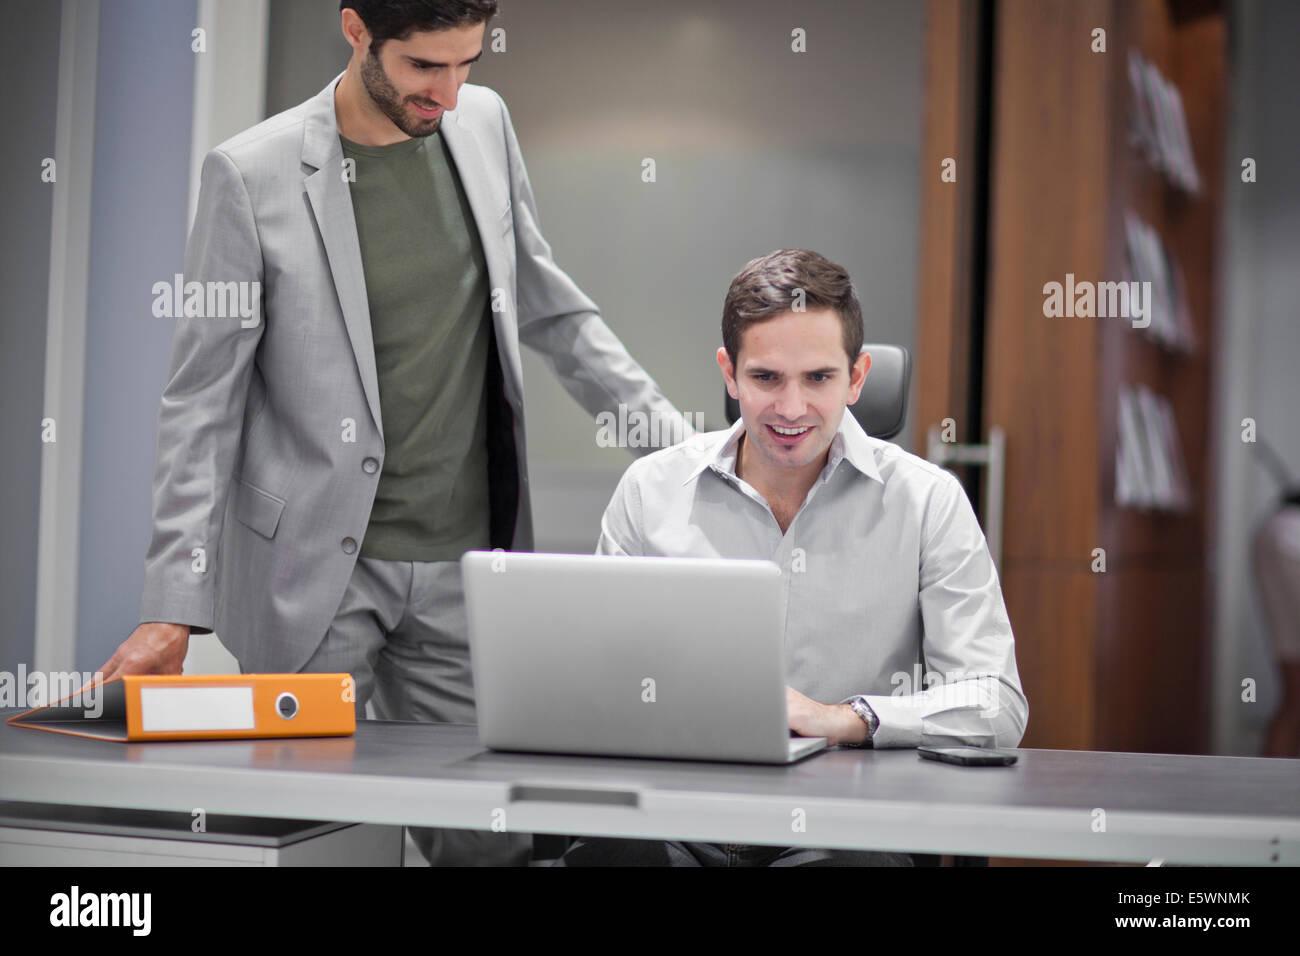 Deux hommes dans un bureau, à l'aide d'ordinateur portable Photo Stock